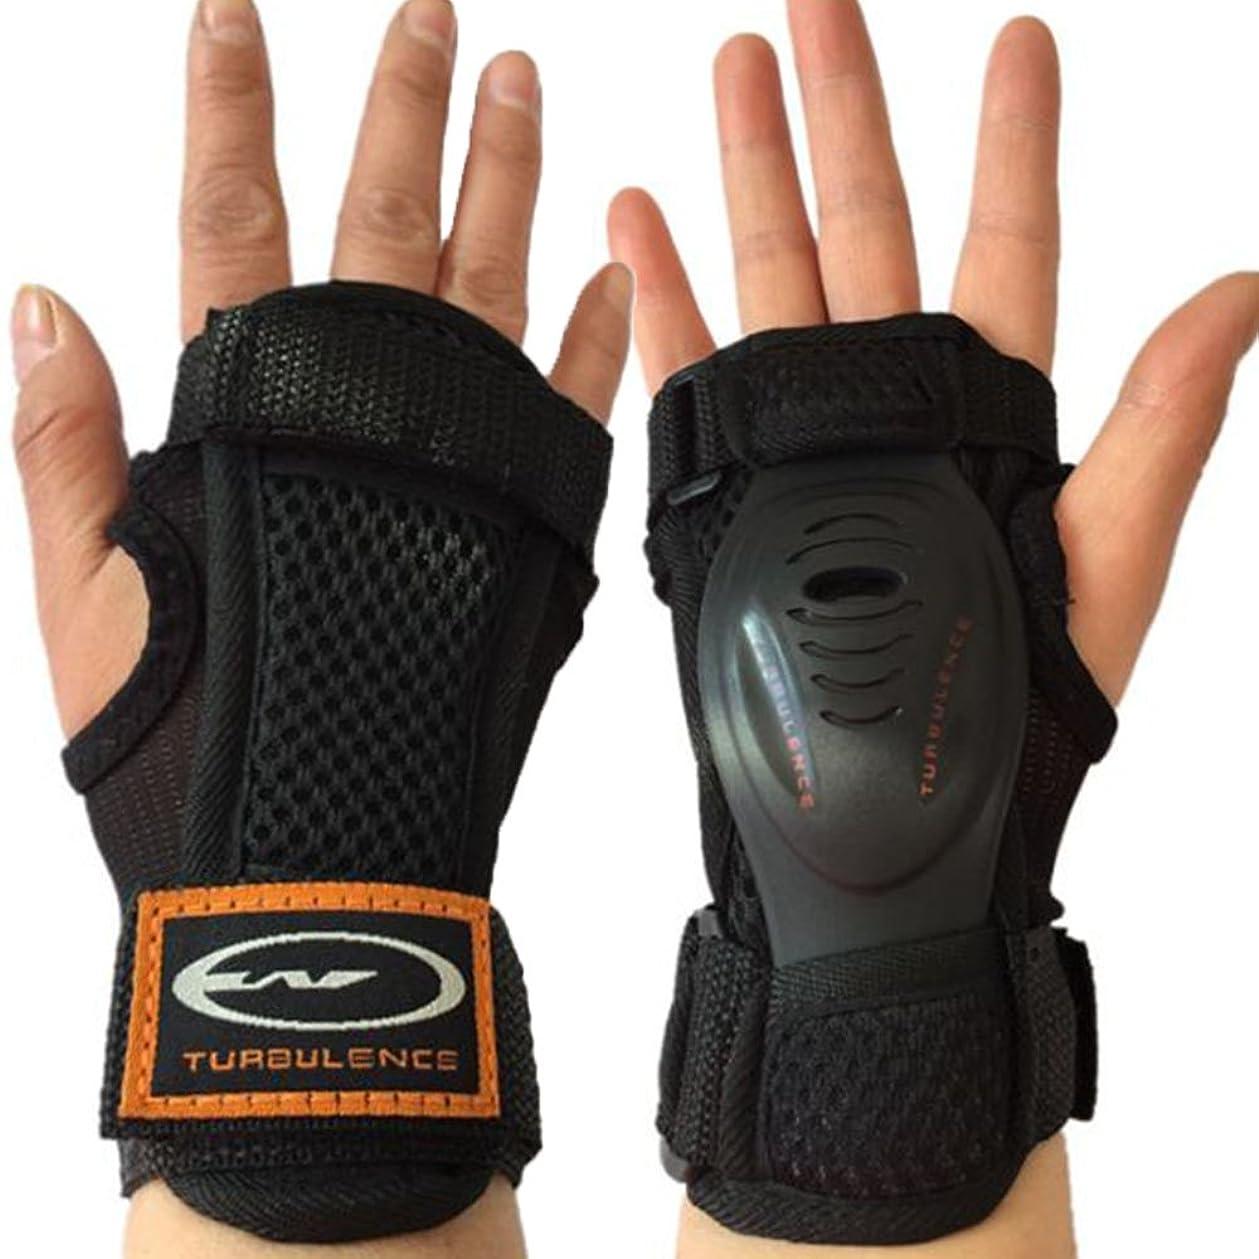 エコー持っているYOGOGOスケートボード保護手袋標準成人ロングボードダウンヒルスライドグローブスケートスケート用スケートボードスケートボードローラースケート